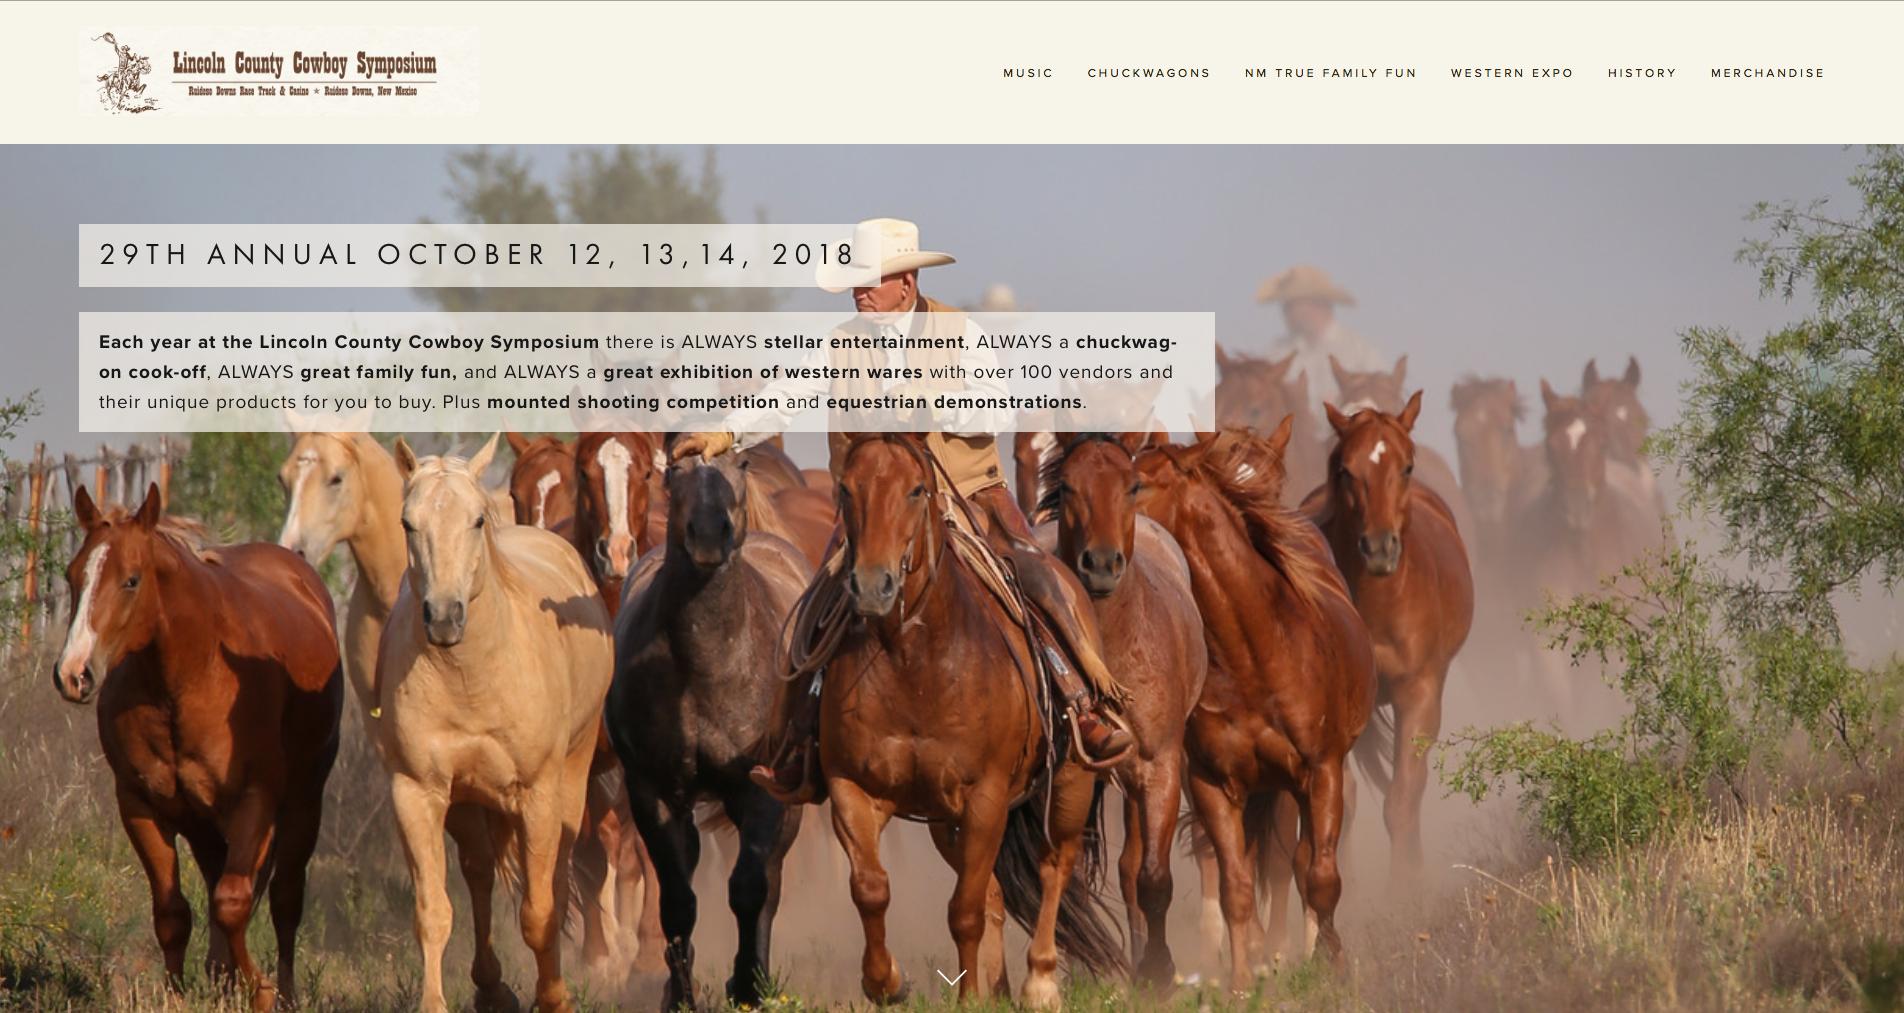 CowboySymposium.org